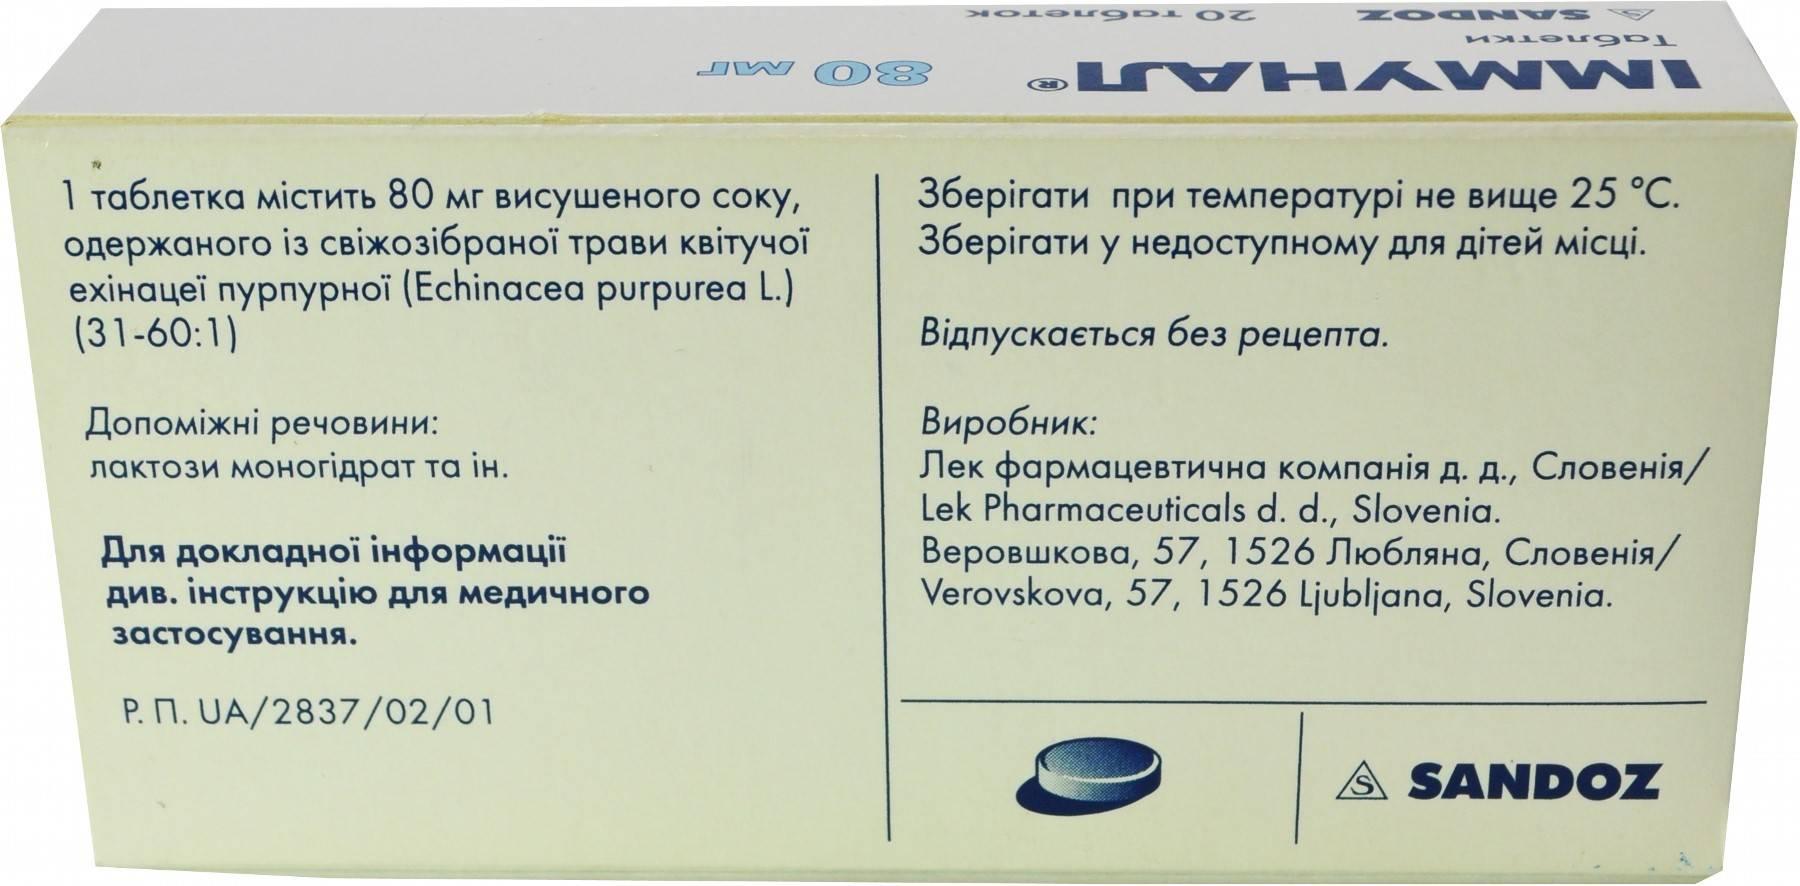 Иммунал: инструкция по применению, состав, дозировка и аналоги